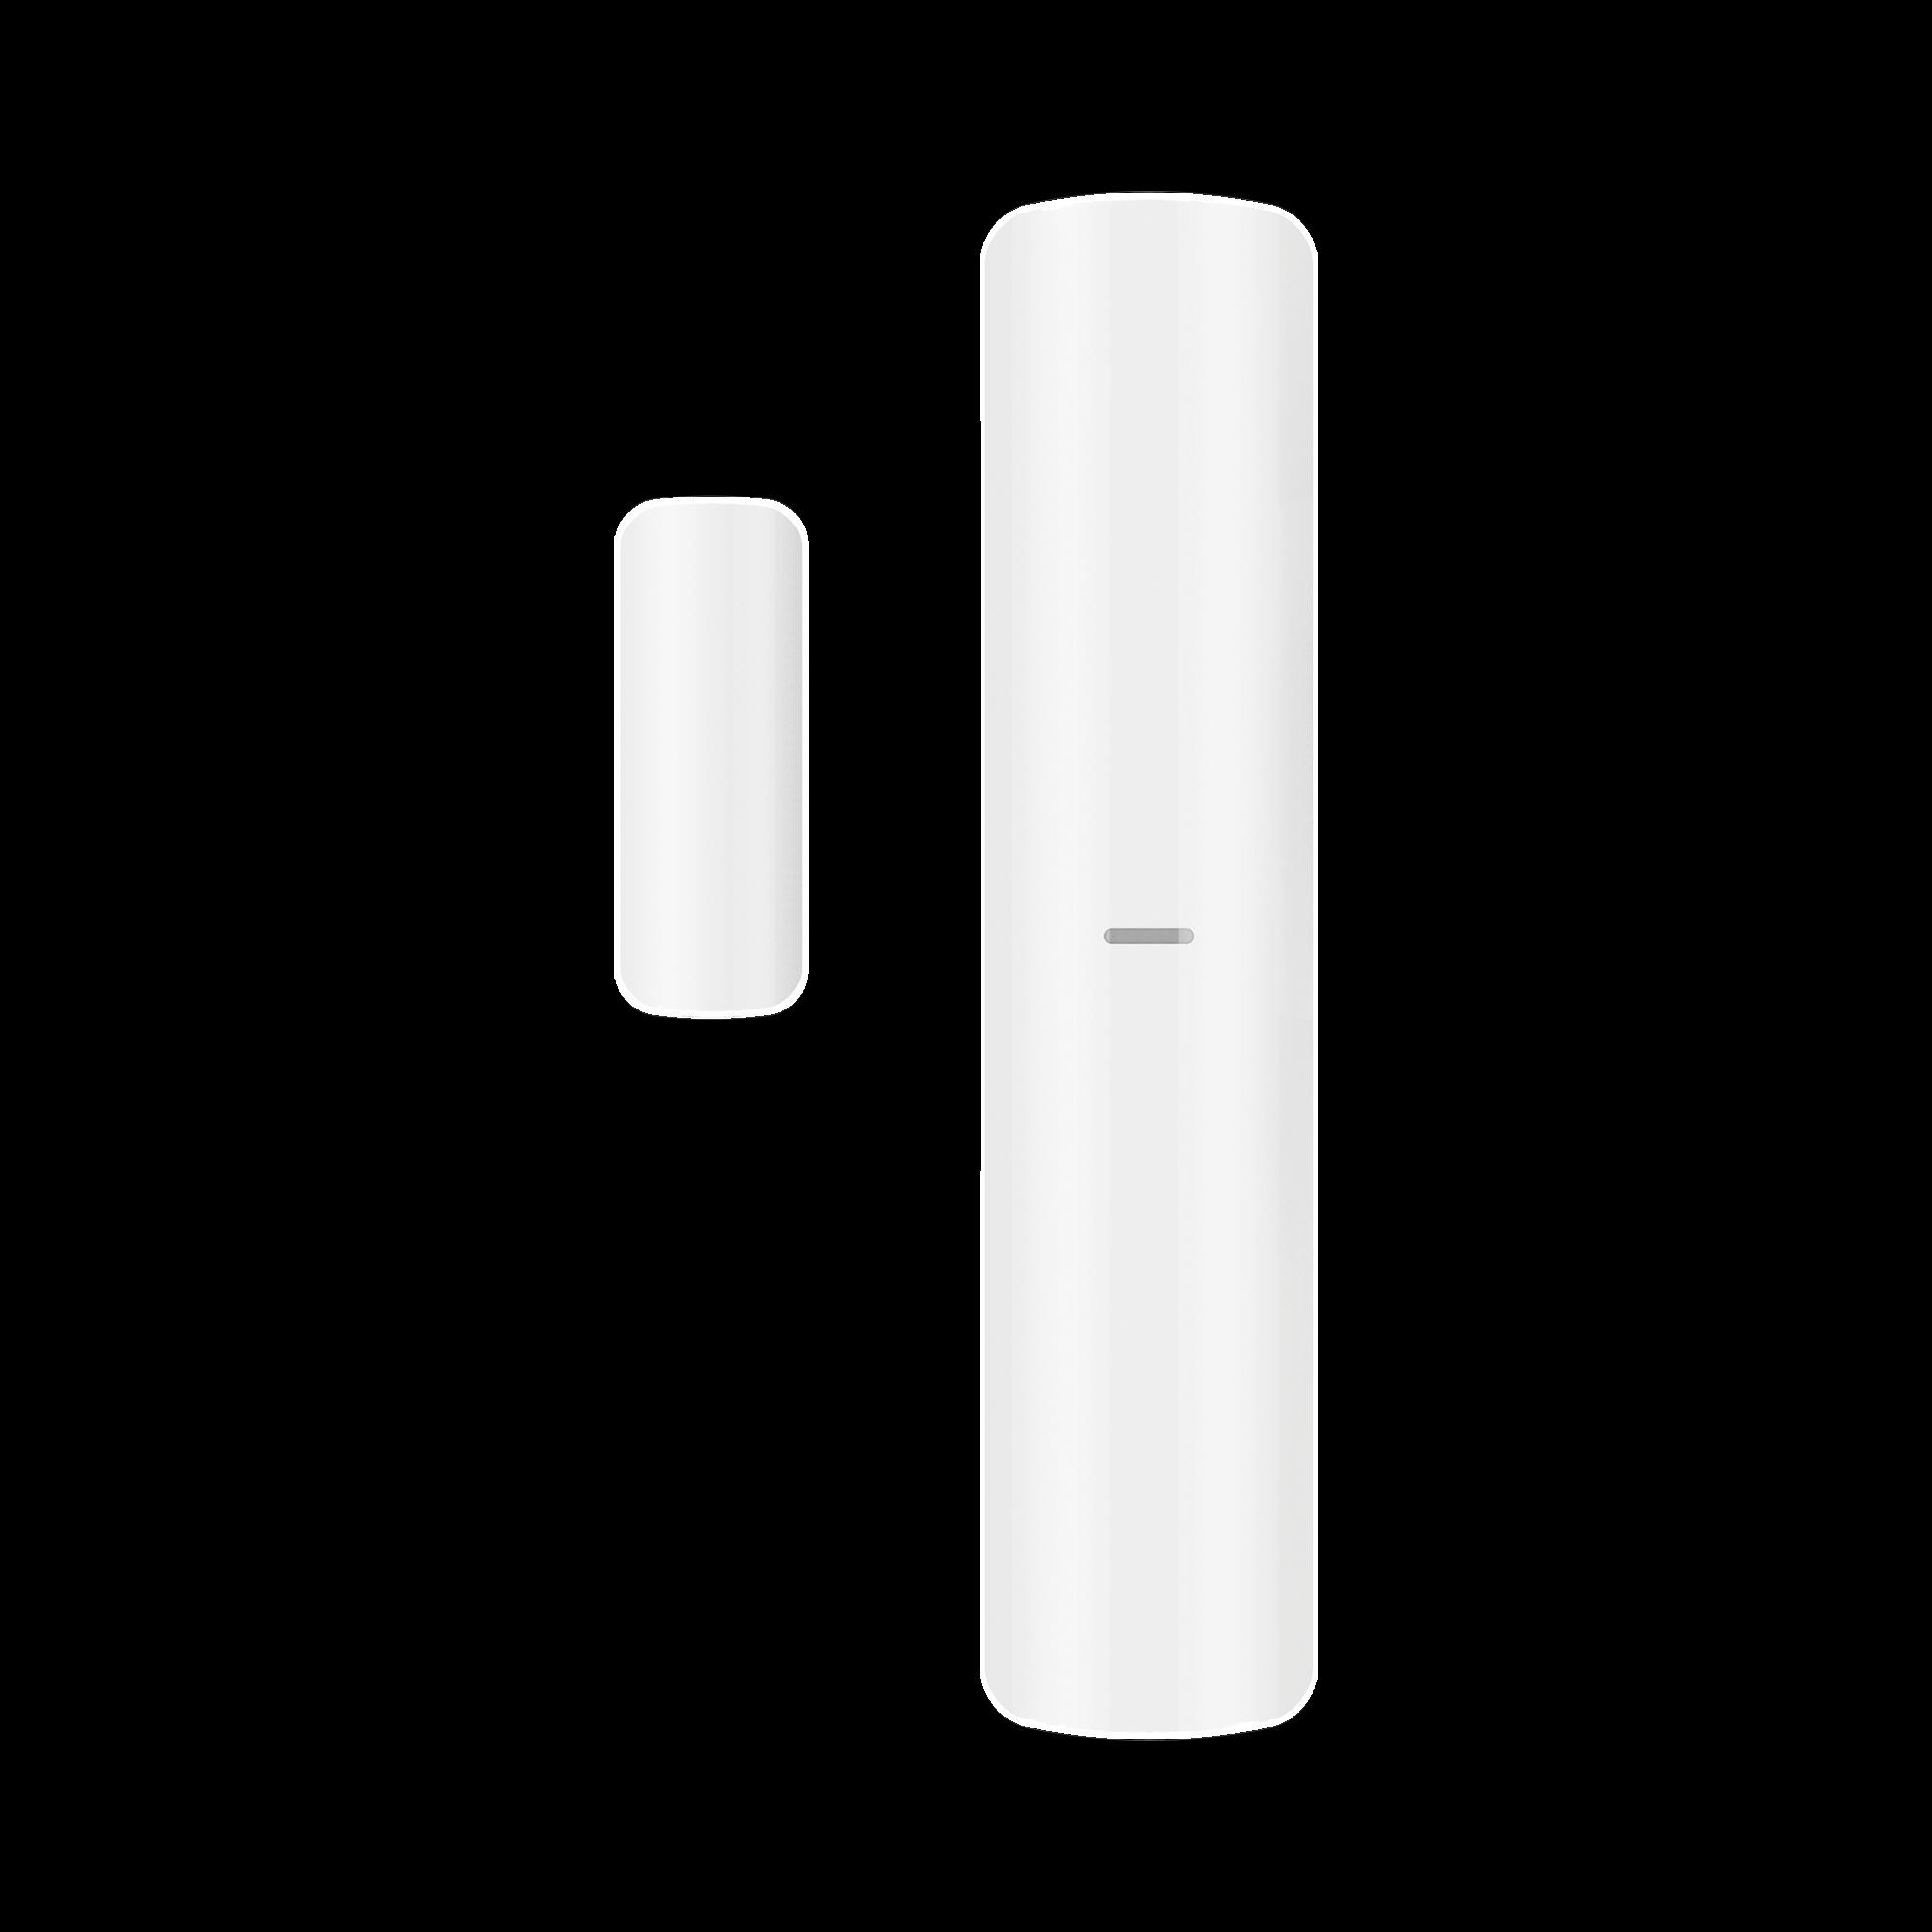 (AX PRO) Contacto Magnético Inalámbrico + 2 ZONAS PARA AGREGAR SENSORES CABLEADOS / 3 en 1 / Soporta 2 Zonas Cableadas